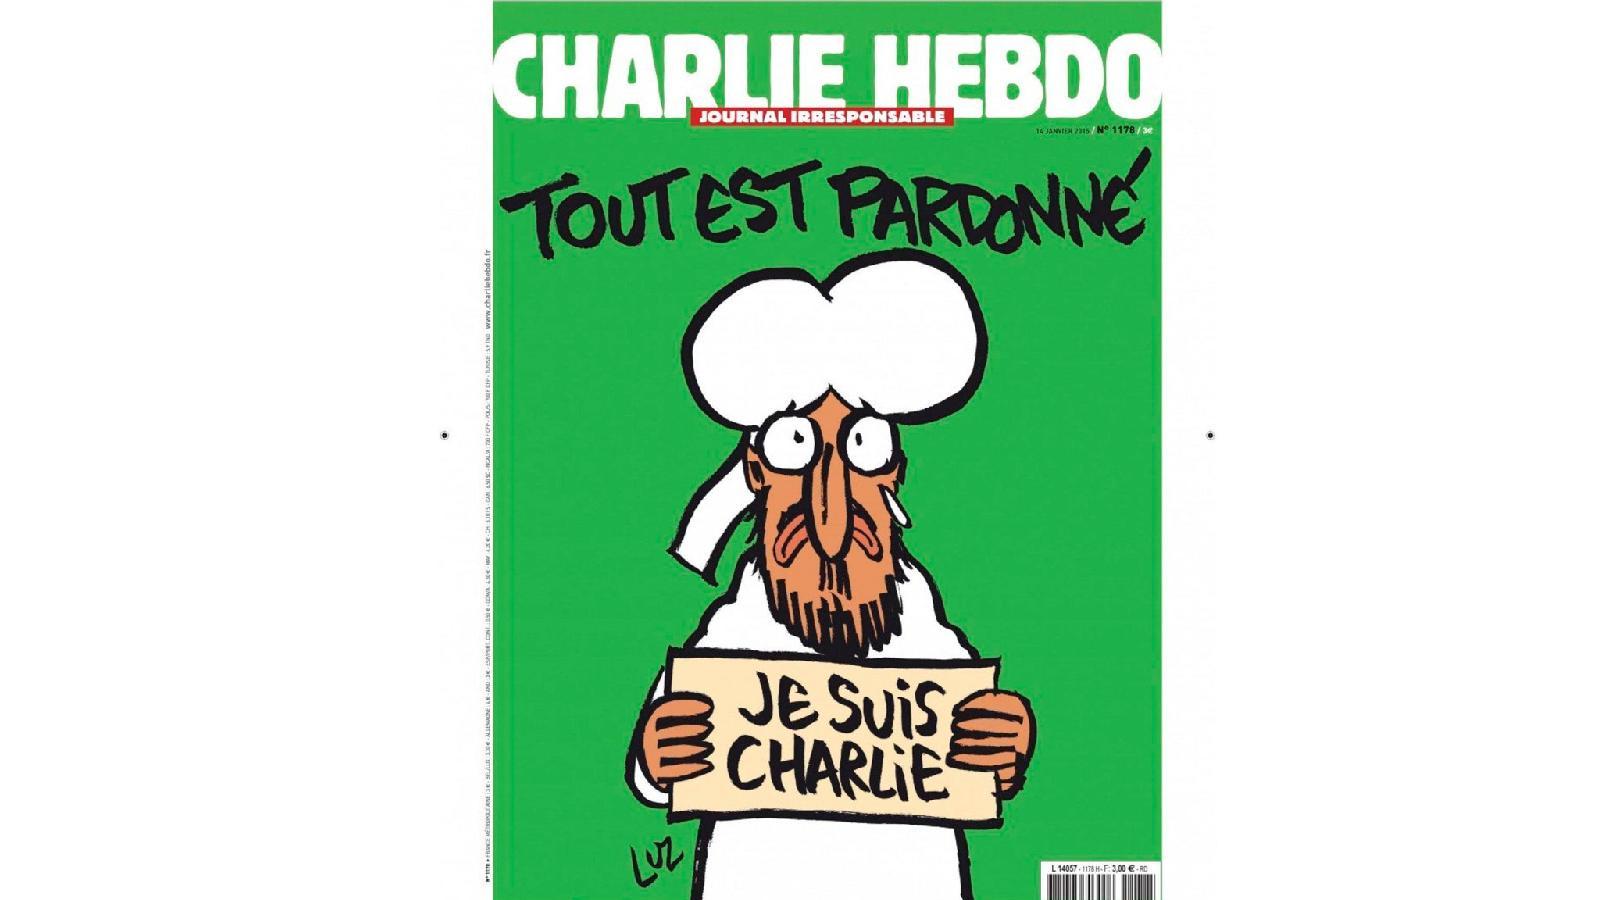 Обложка номера Charlie Hebdo от 14 января 2015 года, вышедшего через неделю после нападения на редакцию